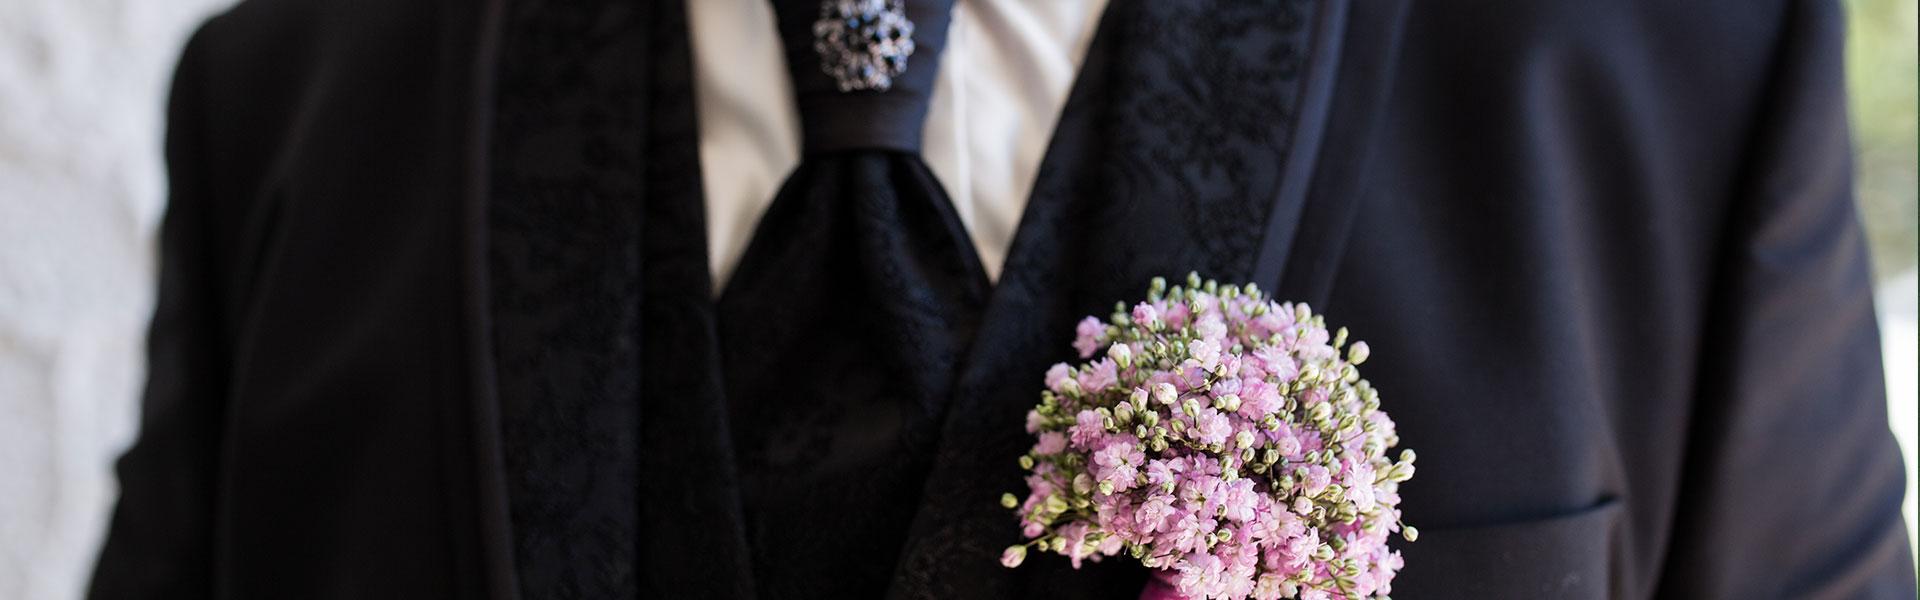 Anstecker für den Bräutigam aus Schleierkraut